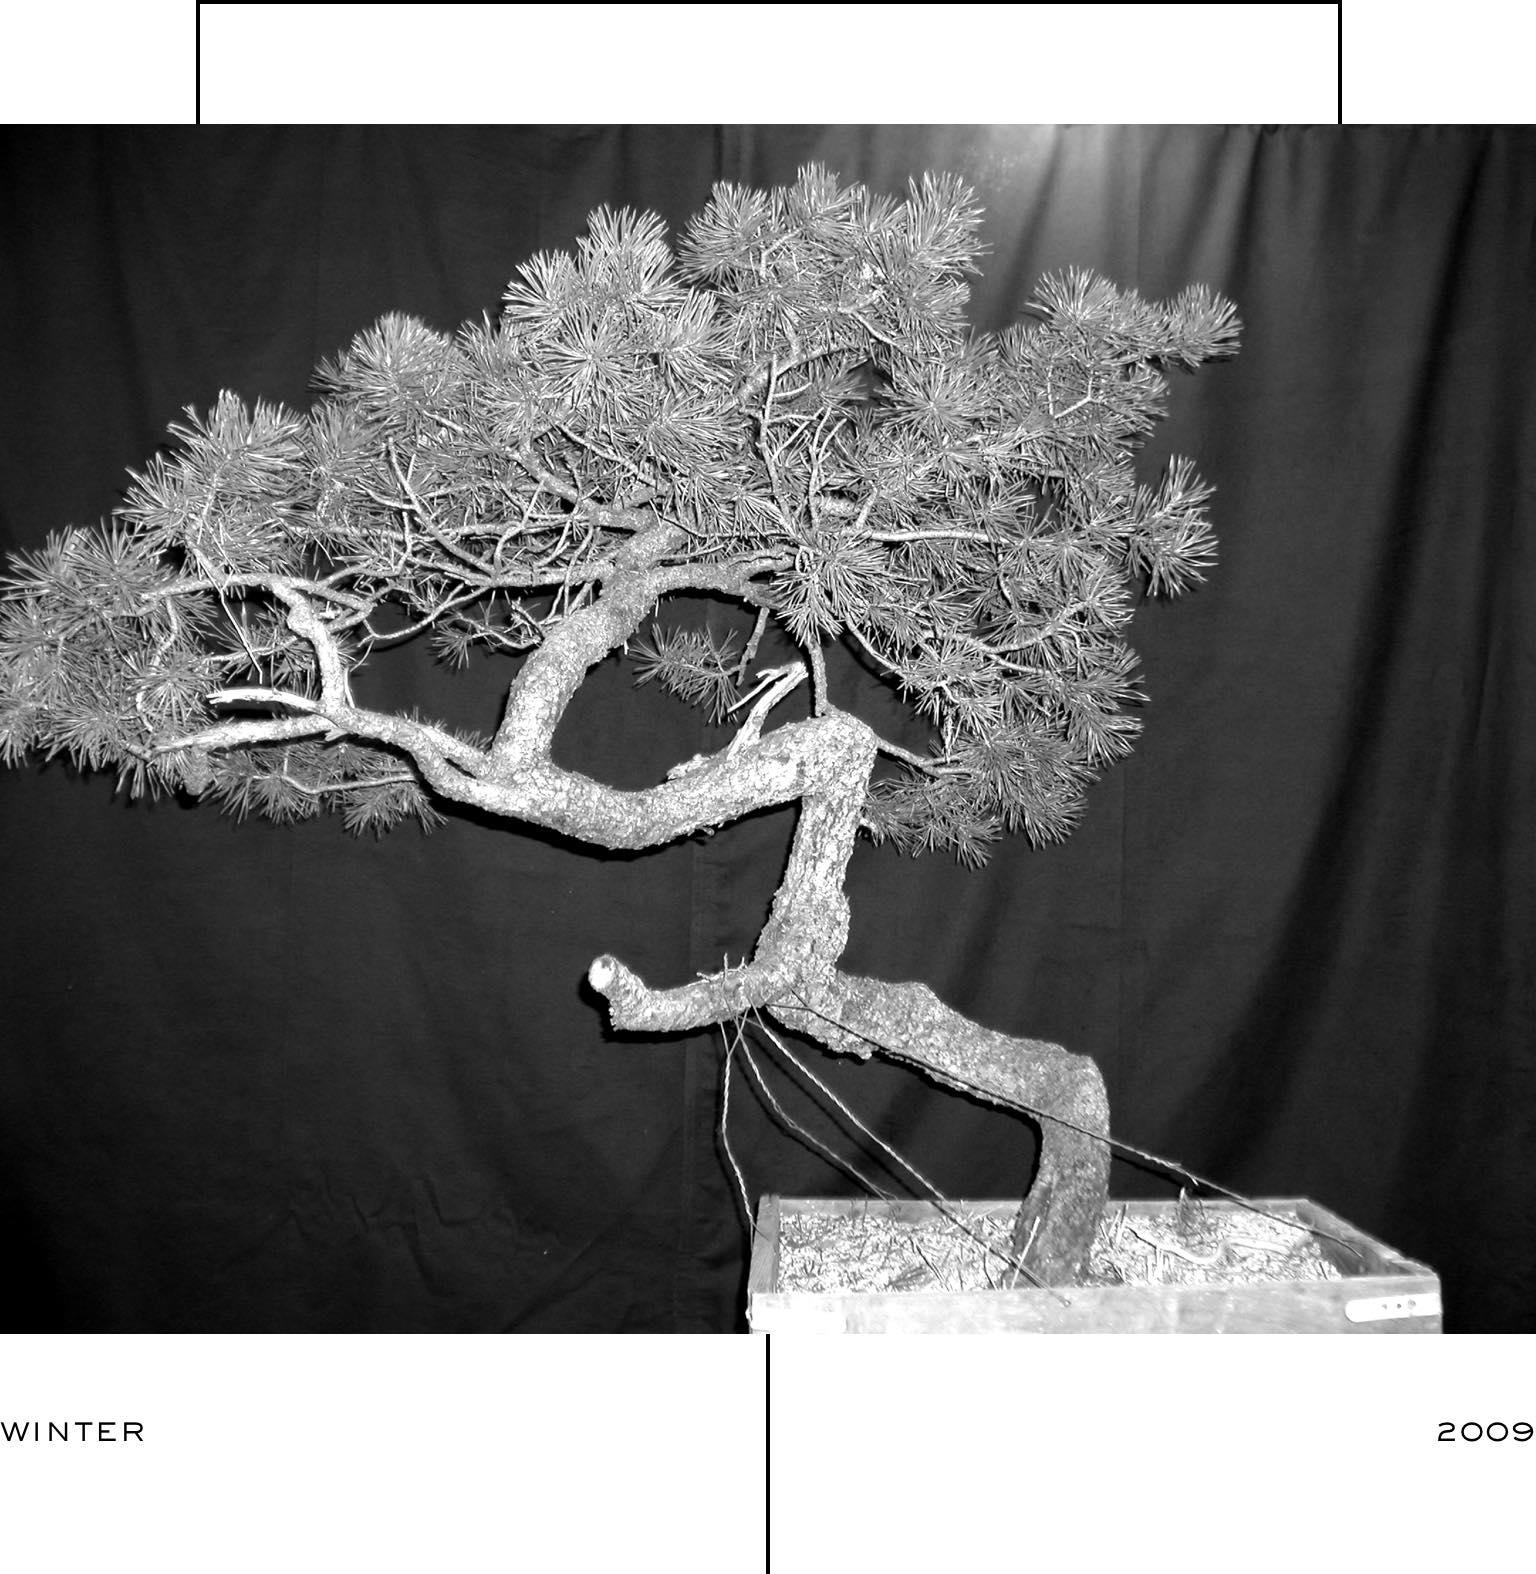 lodgepole_pine_1_mirai_ryan_neil_bonsai